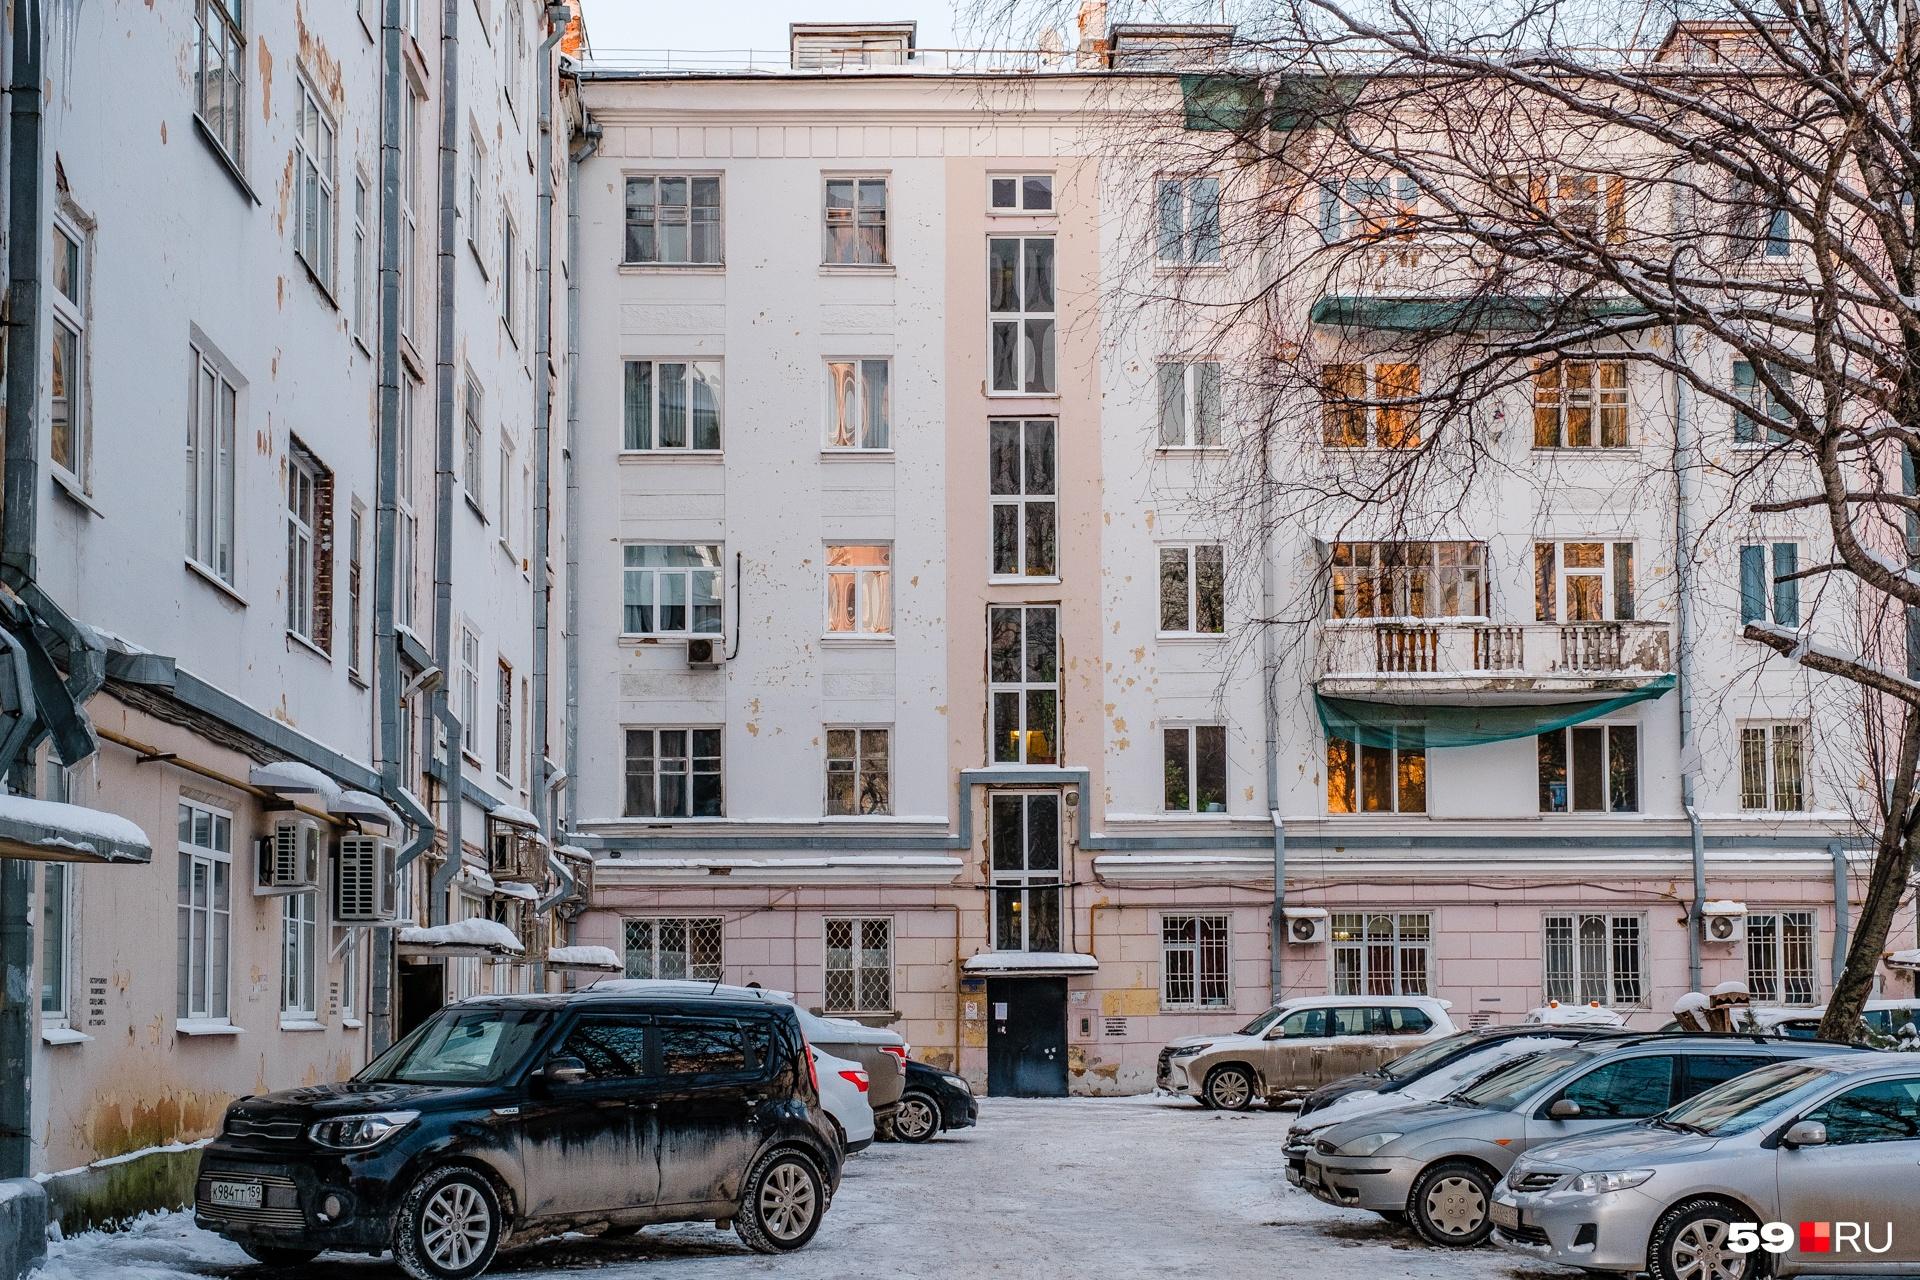 Во дворе дома. Любимый прием конструктивизма — вертикальные полосы, которыми здесь выделены окна подъезда